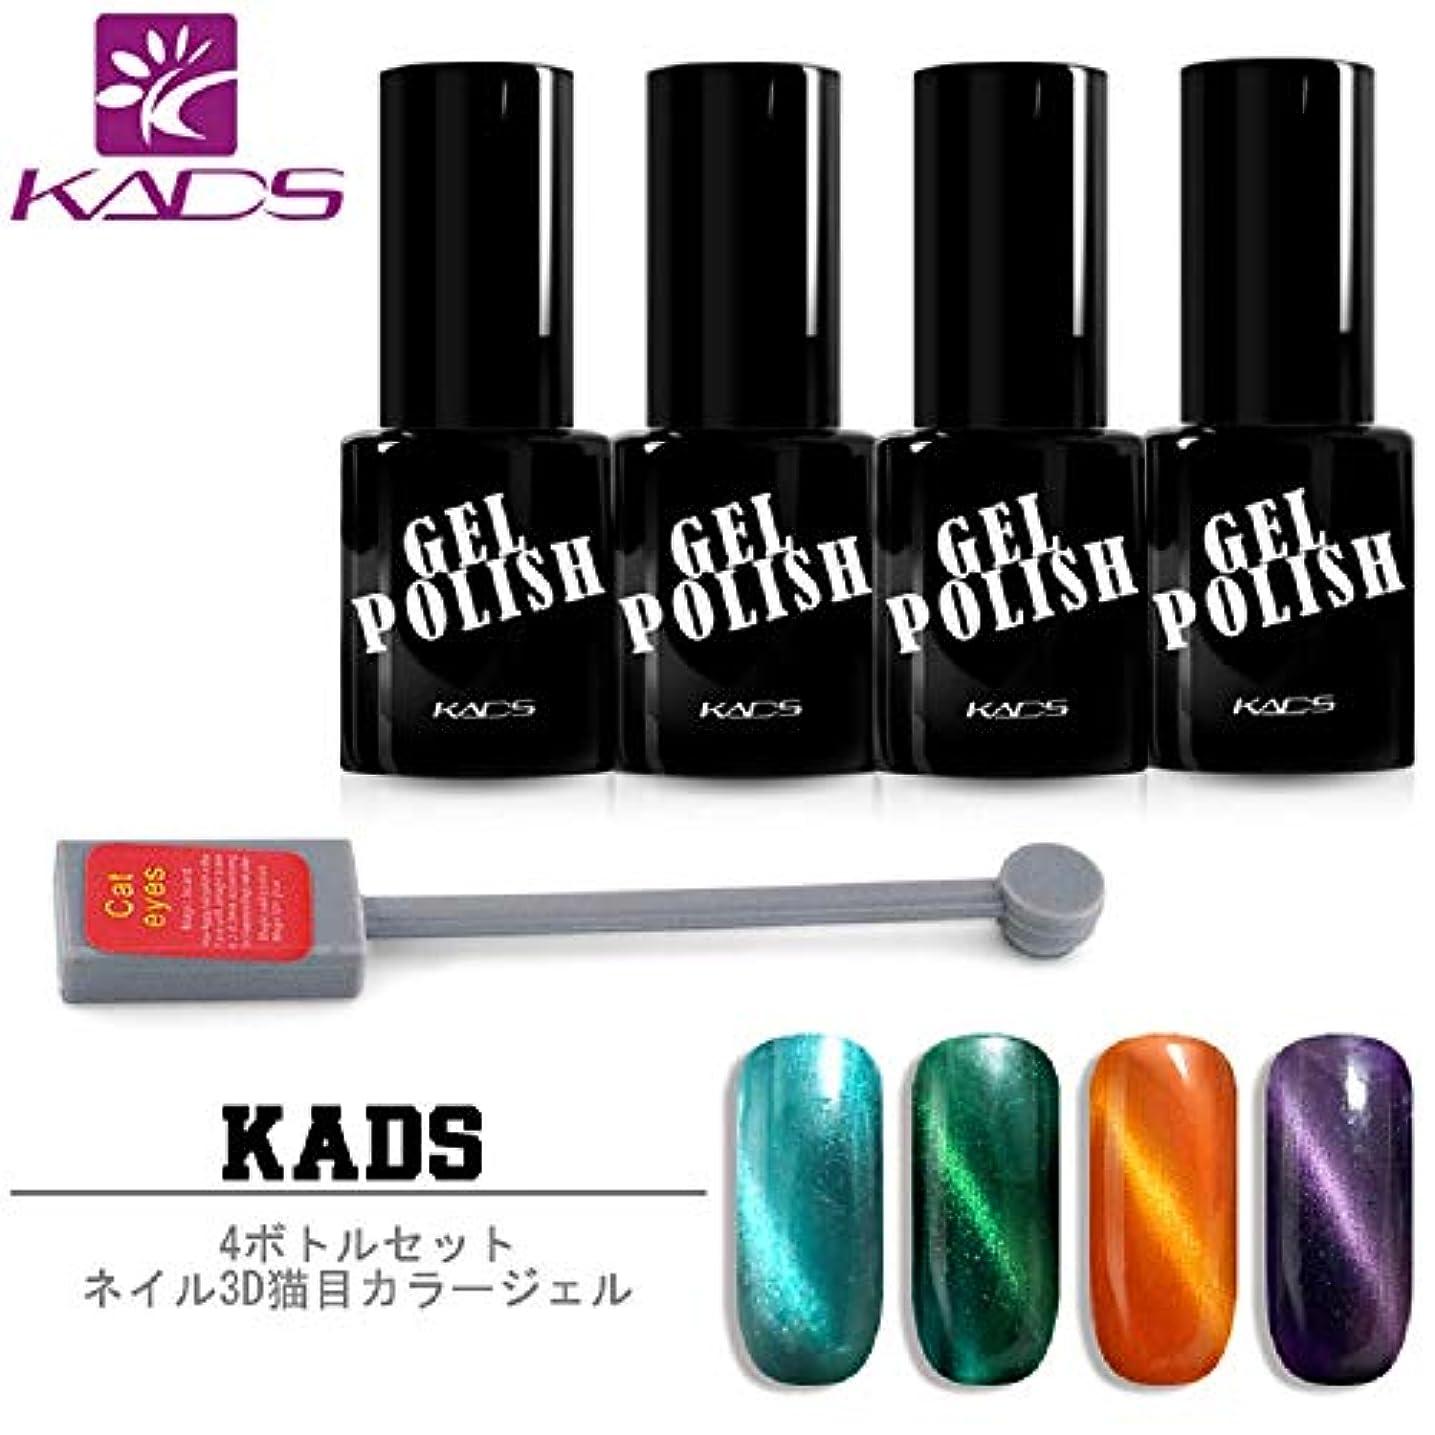 松明警官酔っ払いKADS キャッツアイジェル ジェルネイル カラーポリッシュ 4色セット 猫目 UV/LED対応 マグネット 磁石付き マニキュアセット (セット2)